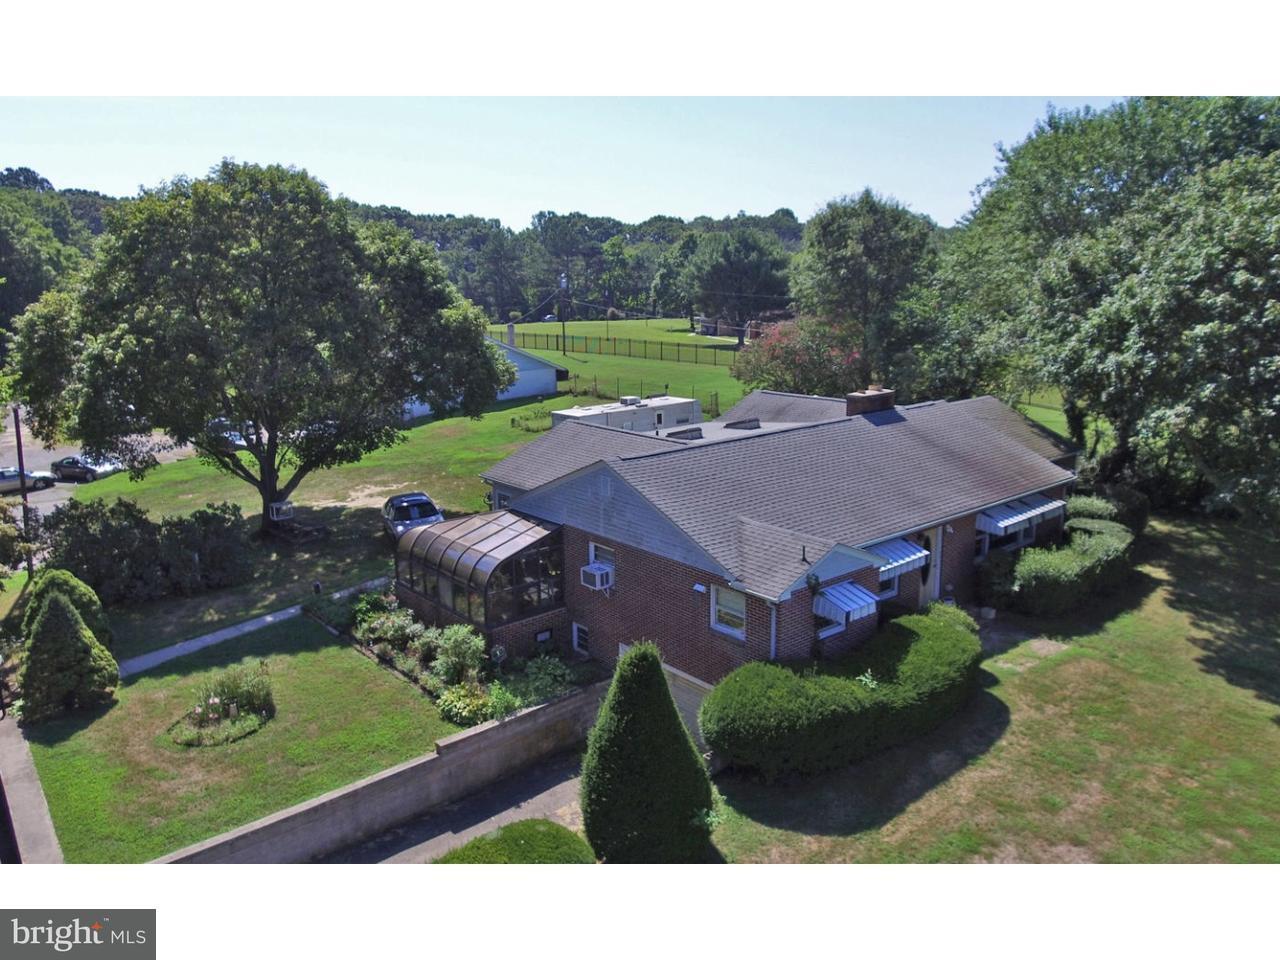 獨棟家庭住宅 為 出售 在 4869 S DUPONT HWY Dover, 特拉華州 19901 美國